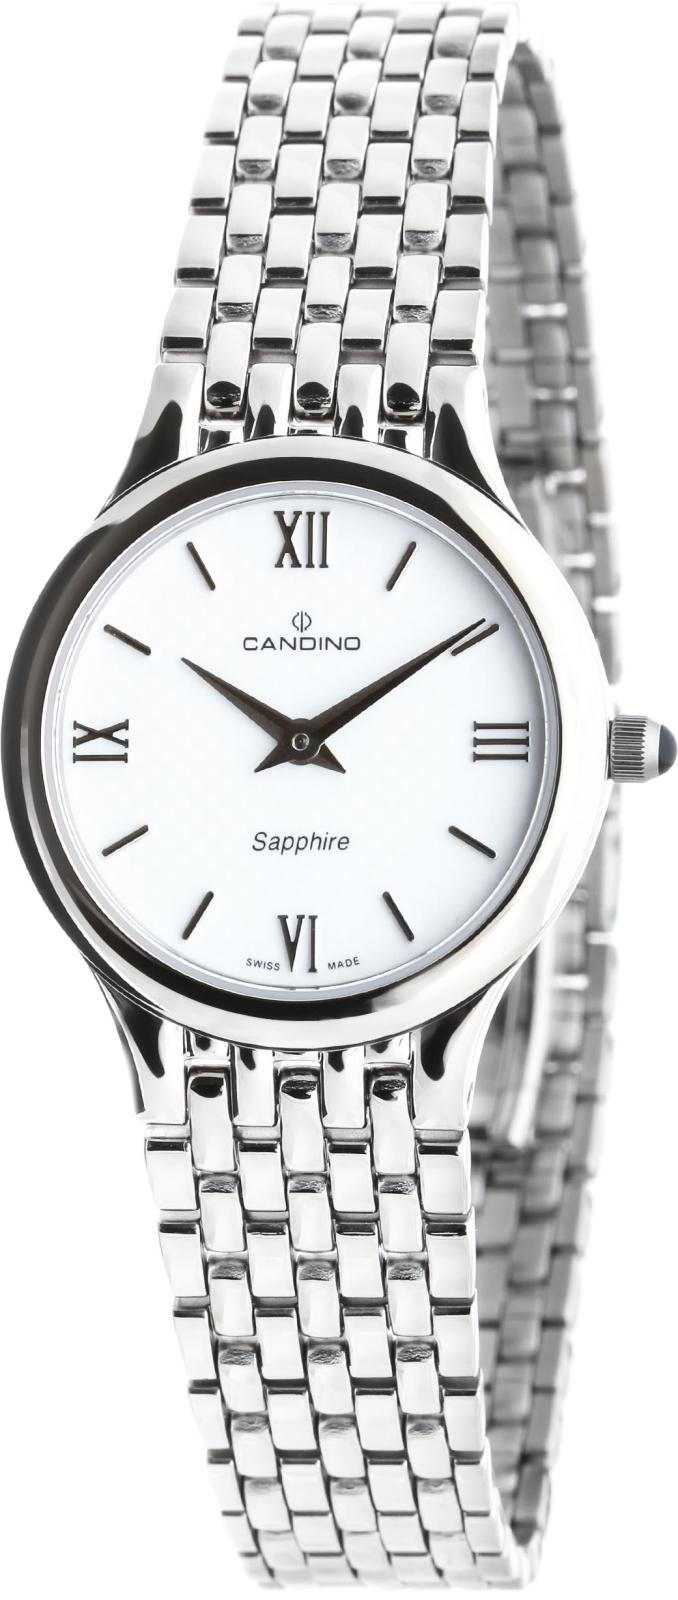 Candino Classic C4364/2Наручные часы<br>Швейцарские часы Candino Classic C4364/2Часы входят в модельный ряд коллекции Classic. Это модные женские часы. Материал корпуса часов &amp;mdash; сталь. В этой модели стоит сапфировое стекло. Водозащита этой модели 30 м. Цвет циферблата - белый. Циферблат модели содержит часы, минуты. Диаметр корпуса часов составляет 27мм.<br><br>Пол: Женские<br>Страна-производитель: Швейцария<br>Механизм: Кварцевый<br>Материал корпуса: Сталь<br>Материал ремня/браслета: Сталь<br>Водозащита, диапазон: 20 - 100 м<br>Стекло: Сапфировое<br>Толщина корпуса: None<br>Стиль: Классика